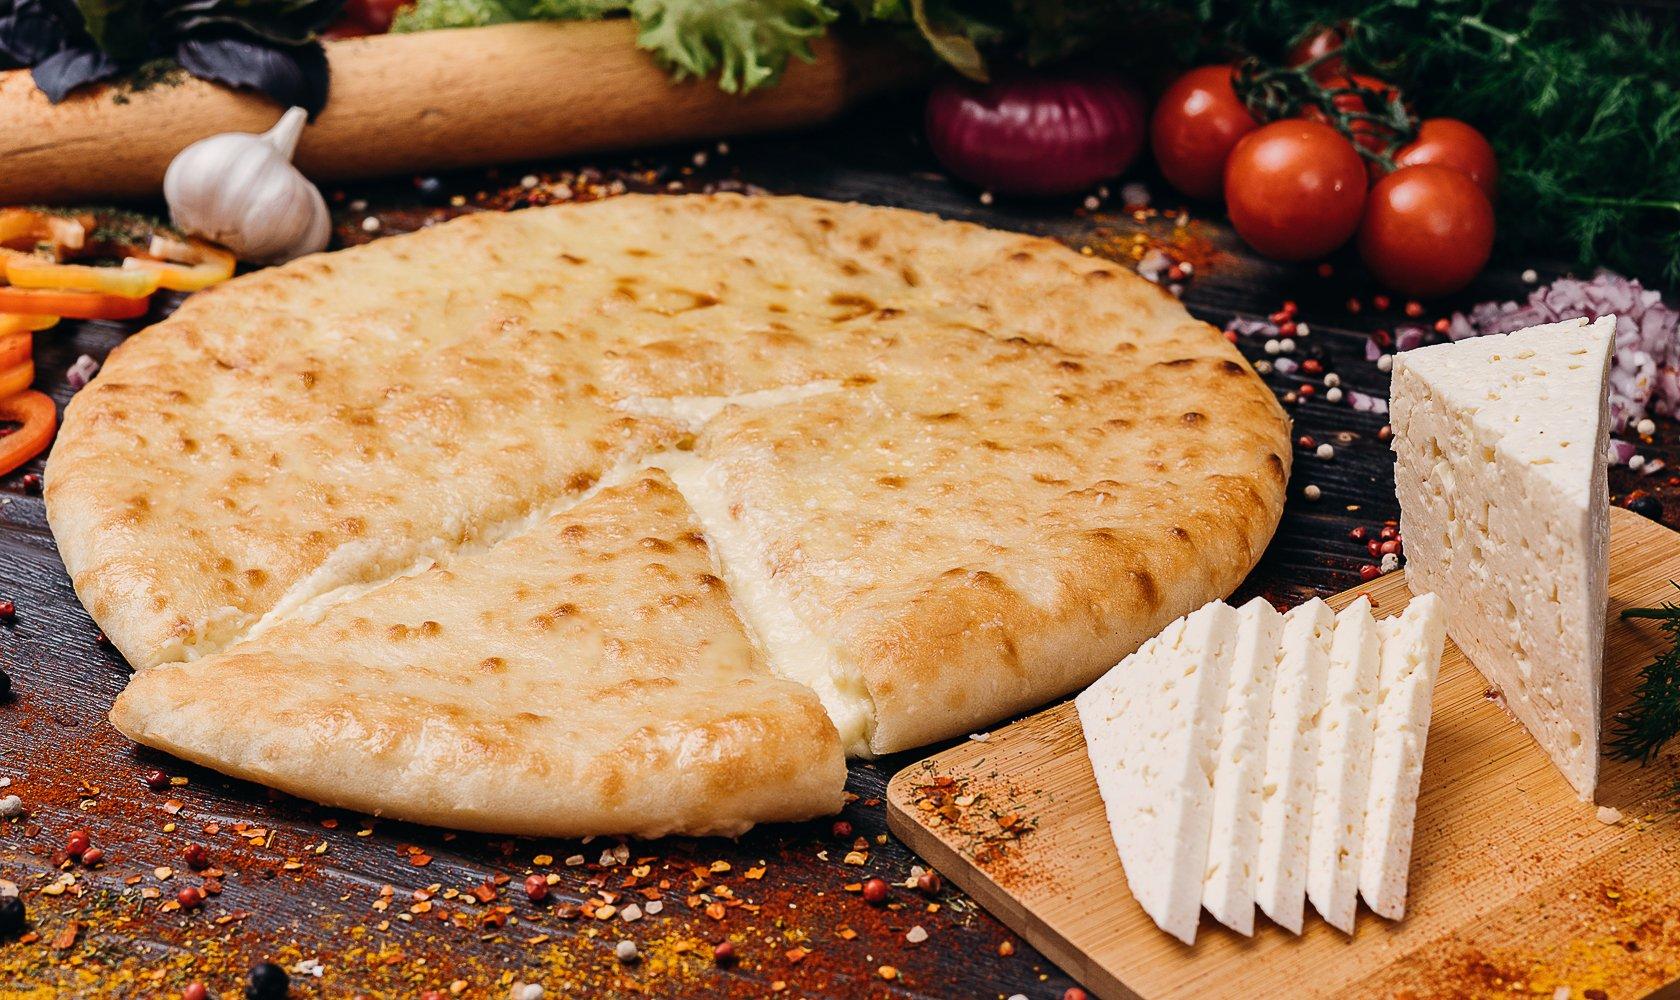 далёких островах как делают осетинские пироги фото можете выбрать тот